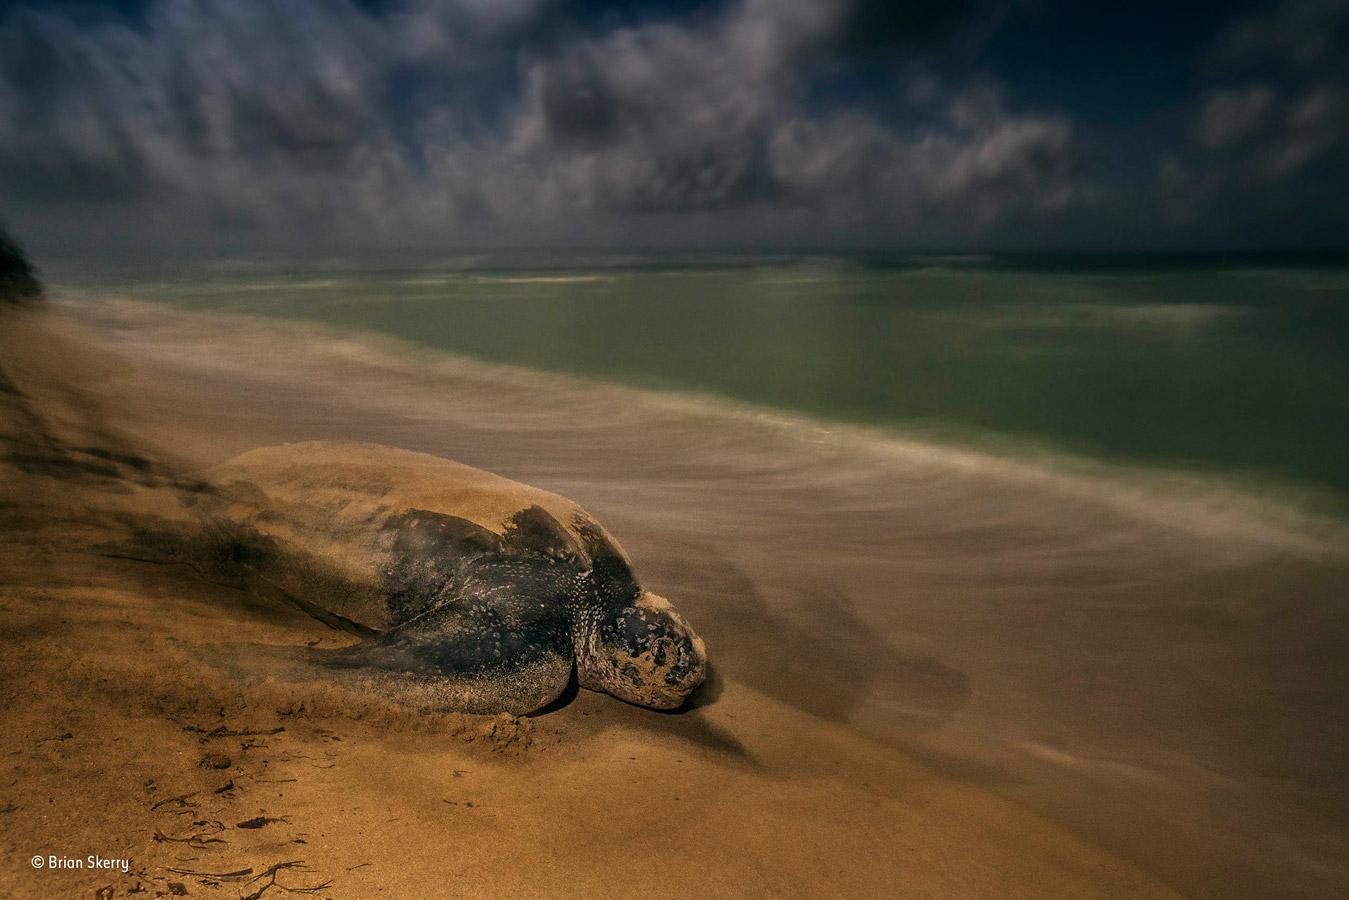 Древний ритуал, © Брайан Скерри / Brian Skerry, США, Победитель категории «Поведение: амфибии и рептилии», Фотоконкурс «Фотограф года живой природы» — Wildlife Photographer of the Year